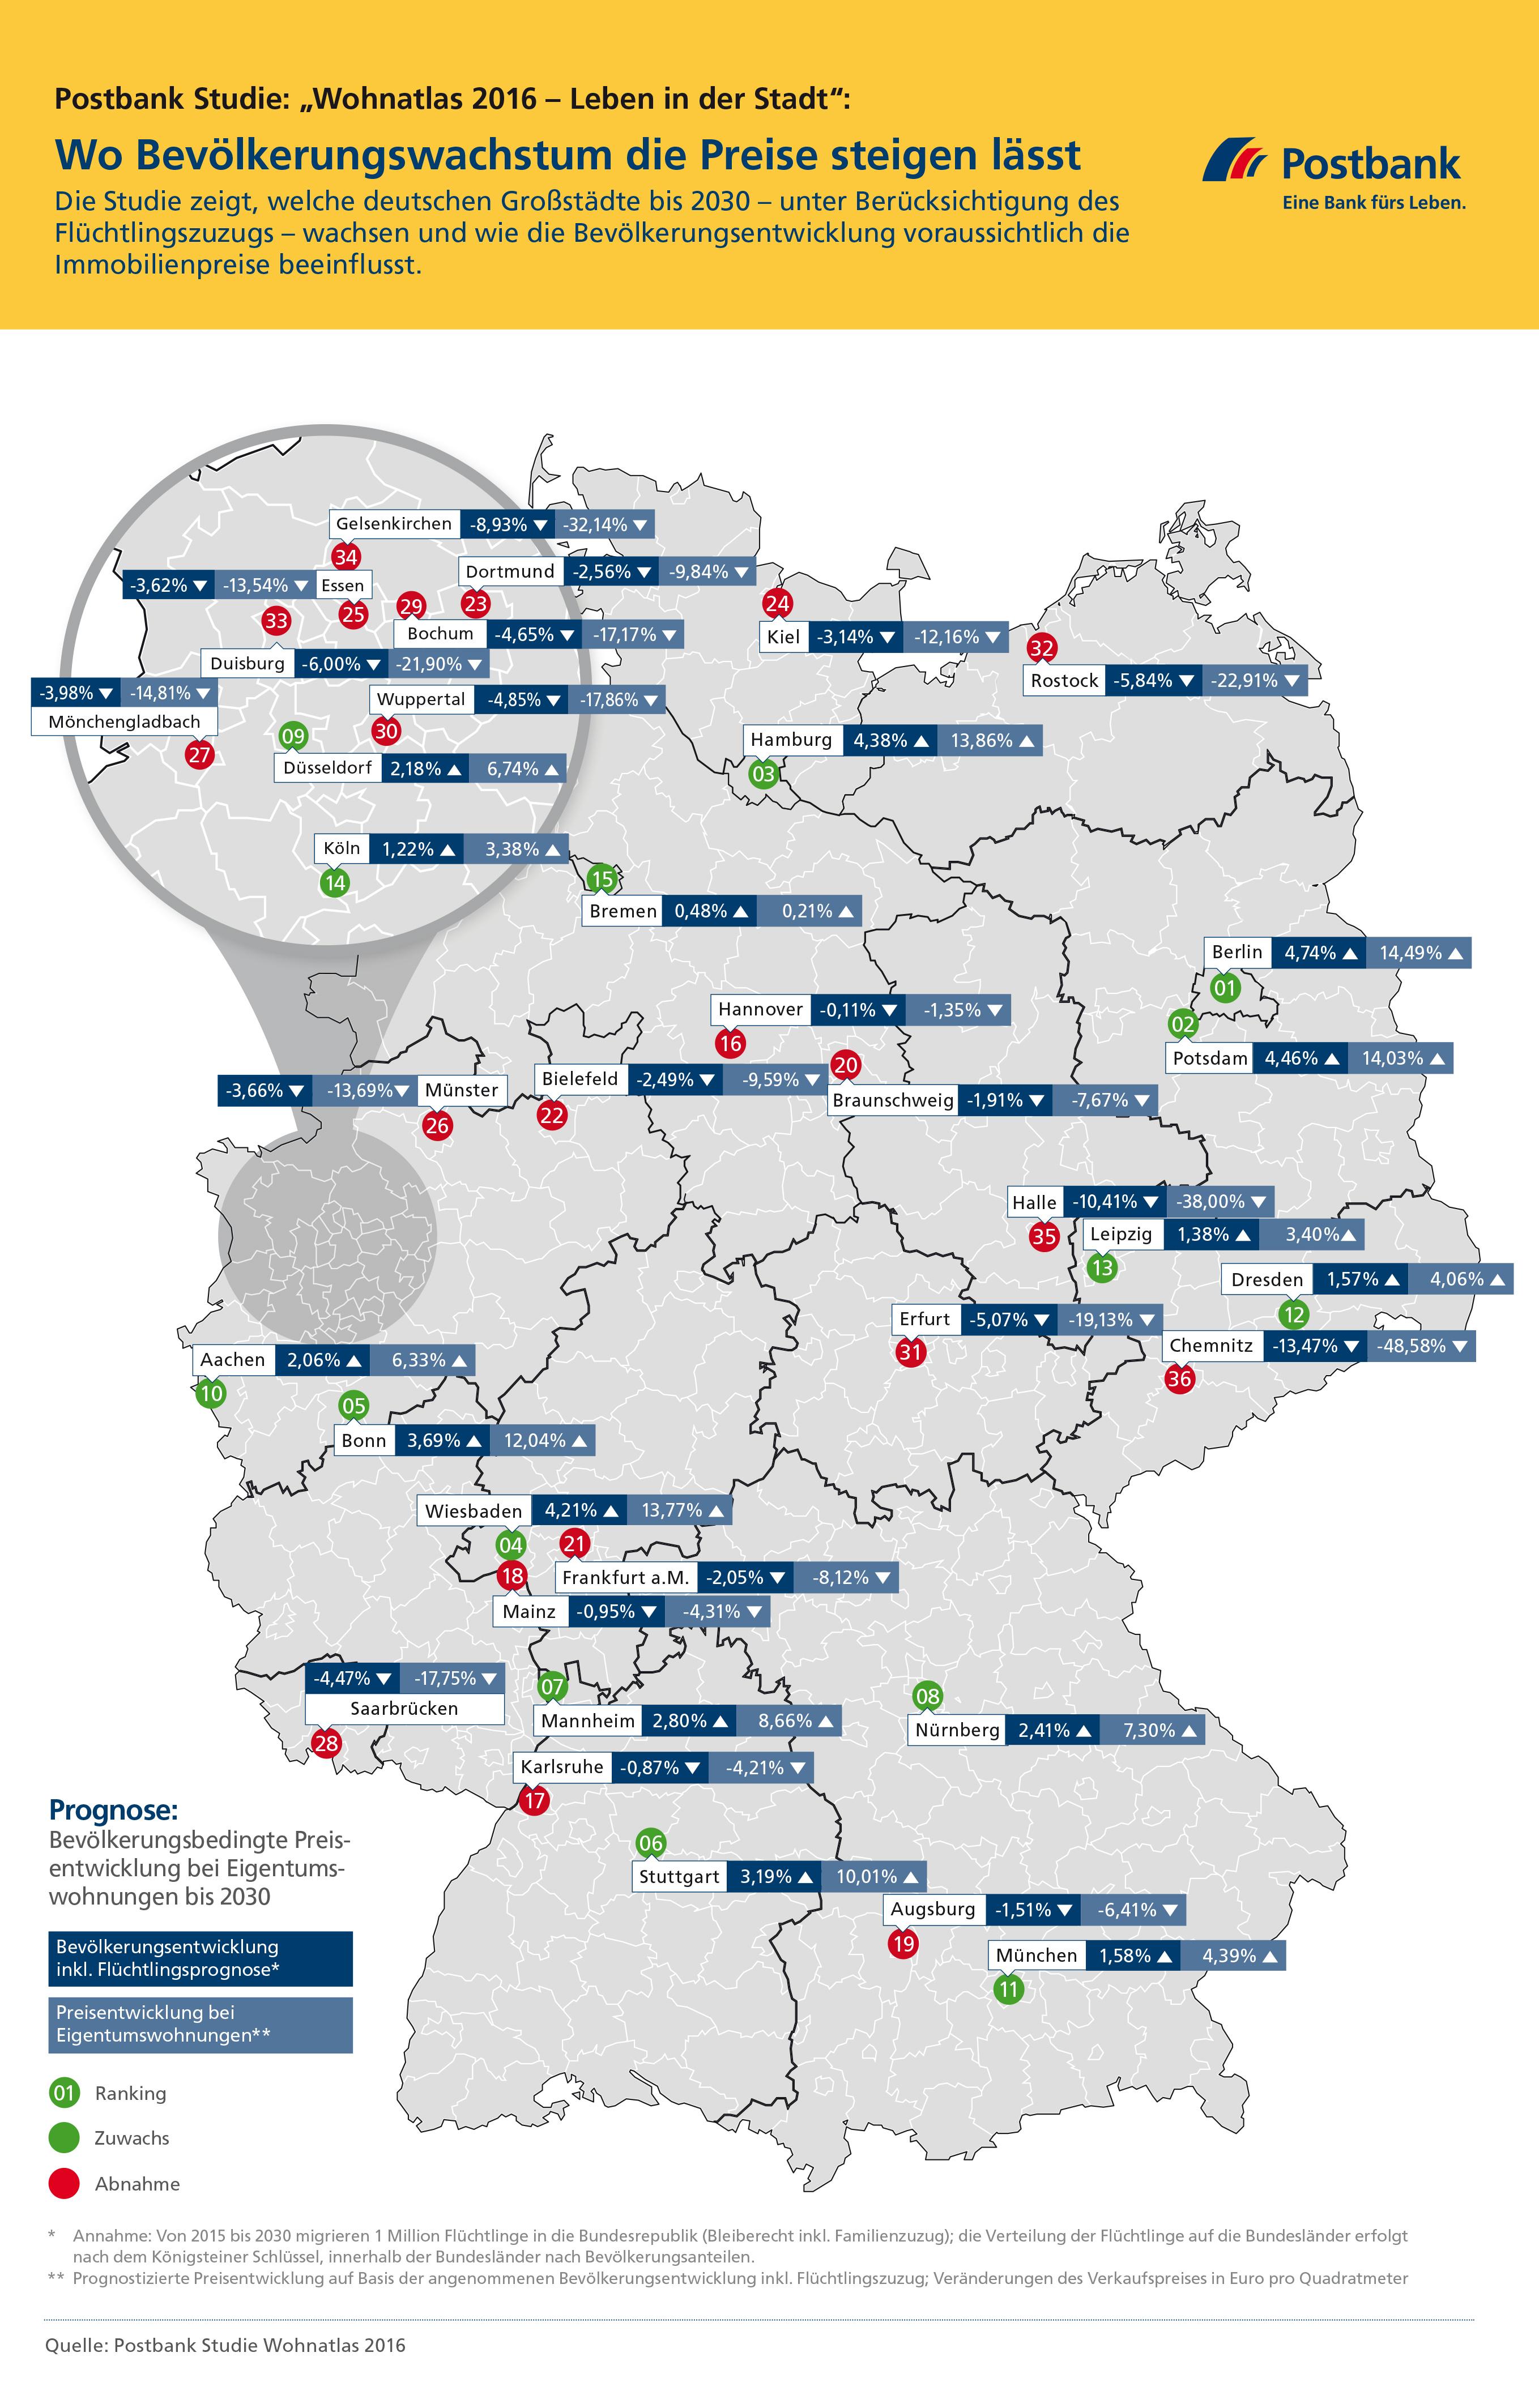 Deutschlandkarte mit Prognosen zur Entwicklung von Immobilienpreisen und Bevölkerungswachstum in ausgewählten Kommunen